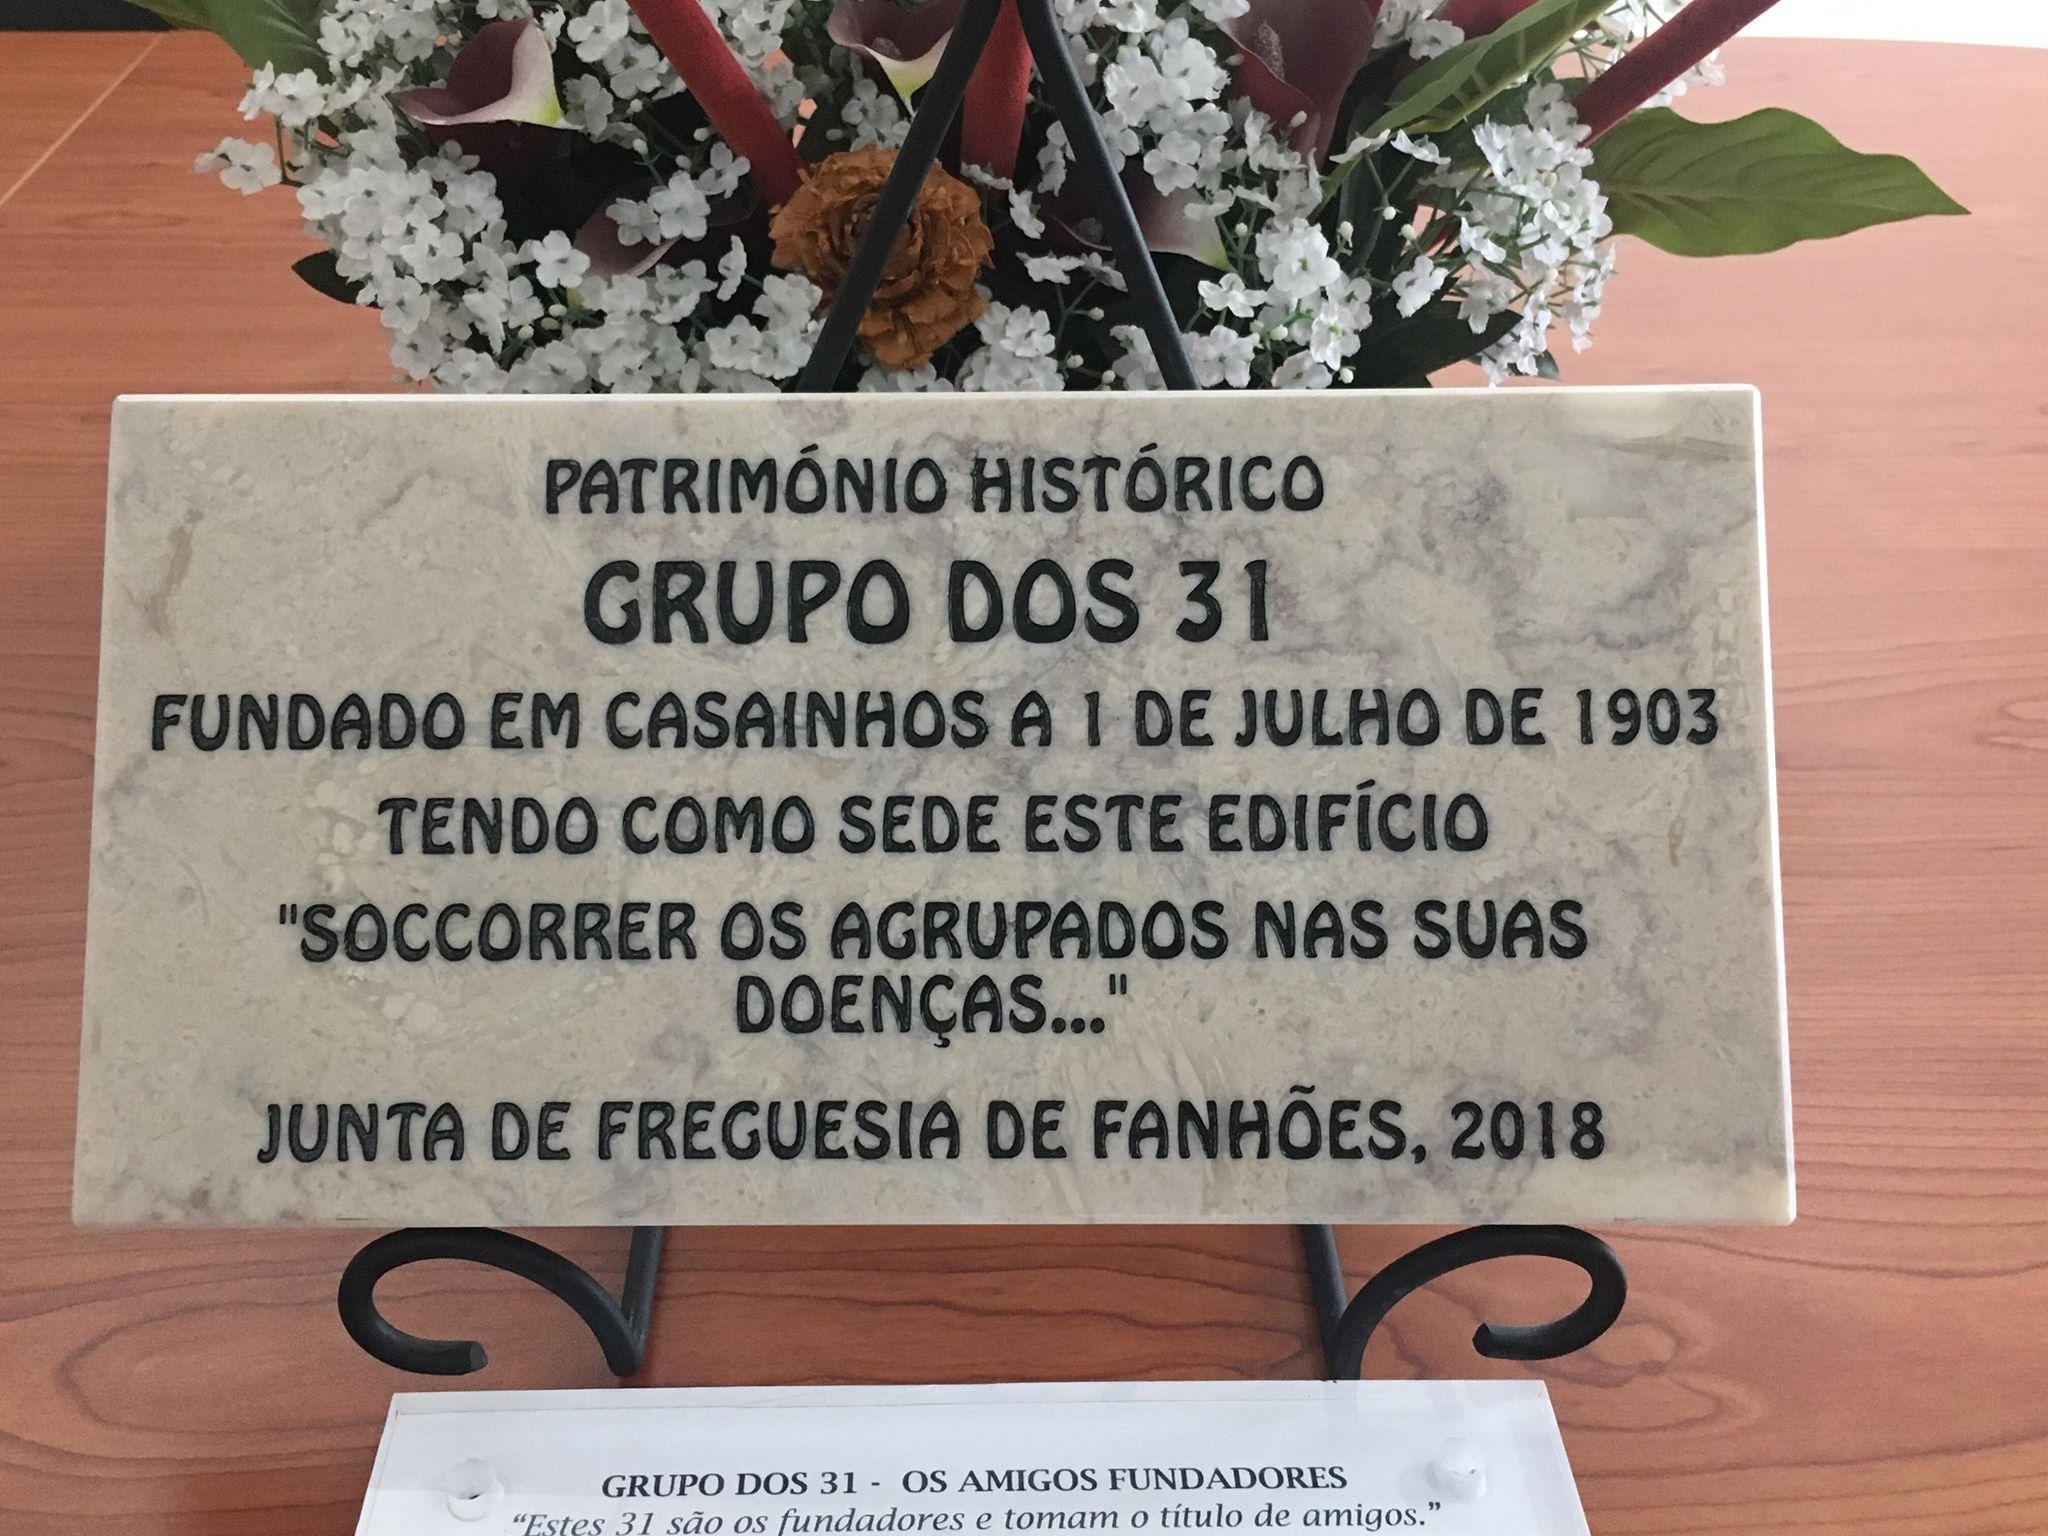 Homenagem do Município de Loures ao Grupo dos 31 Cazainhenses fundado em 1903